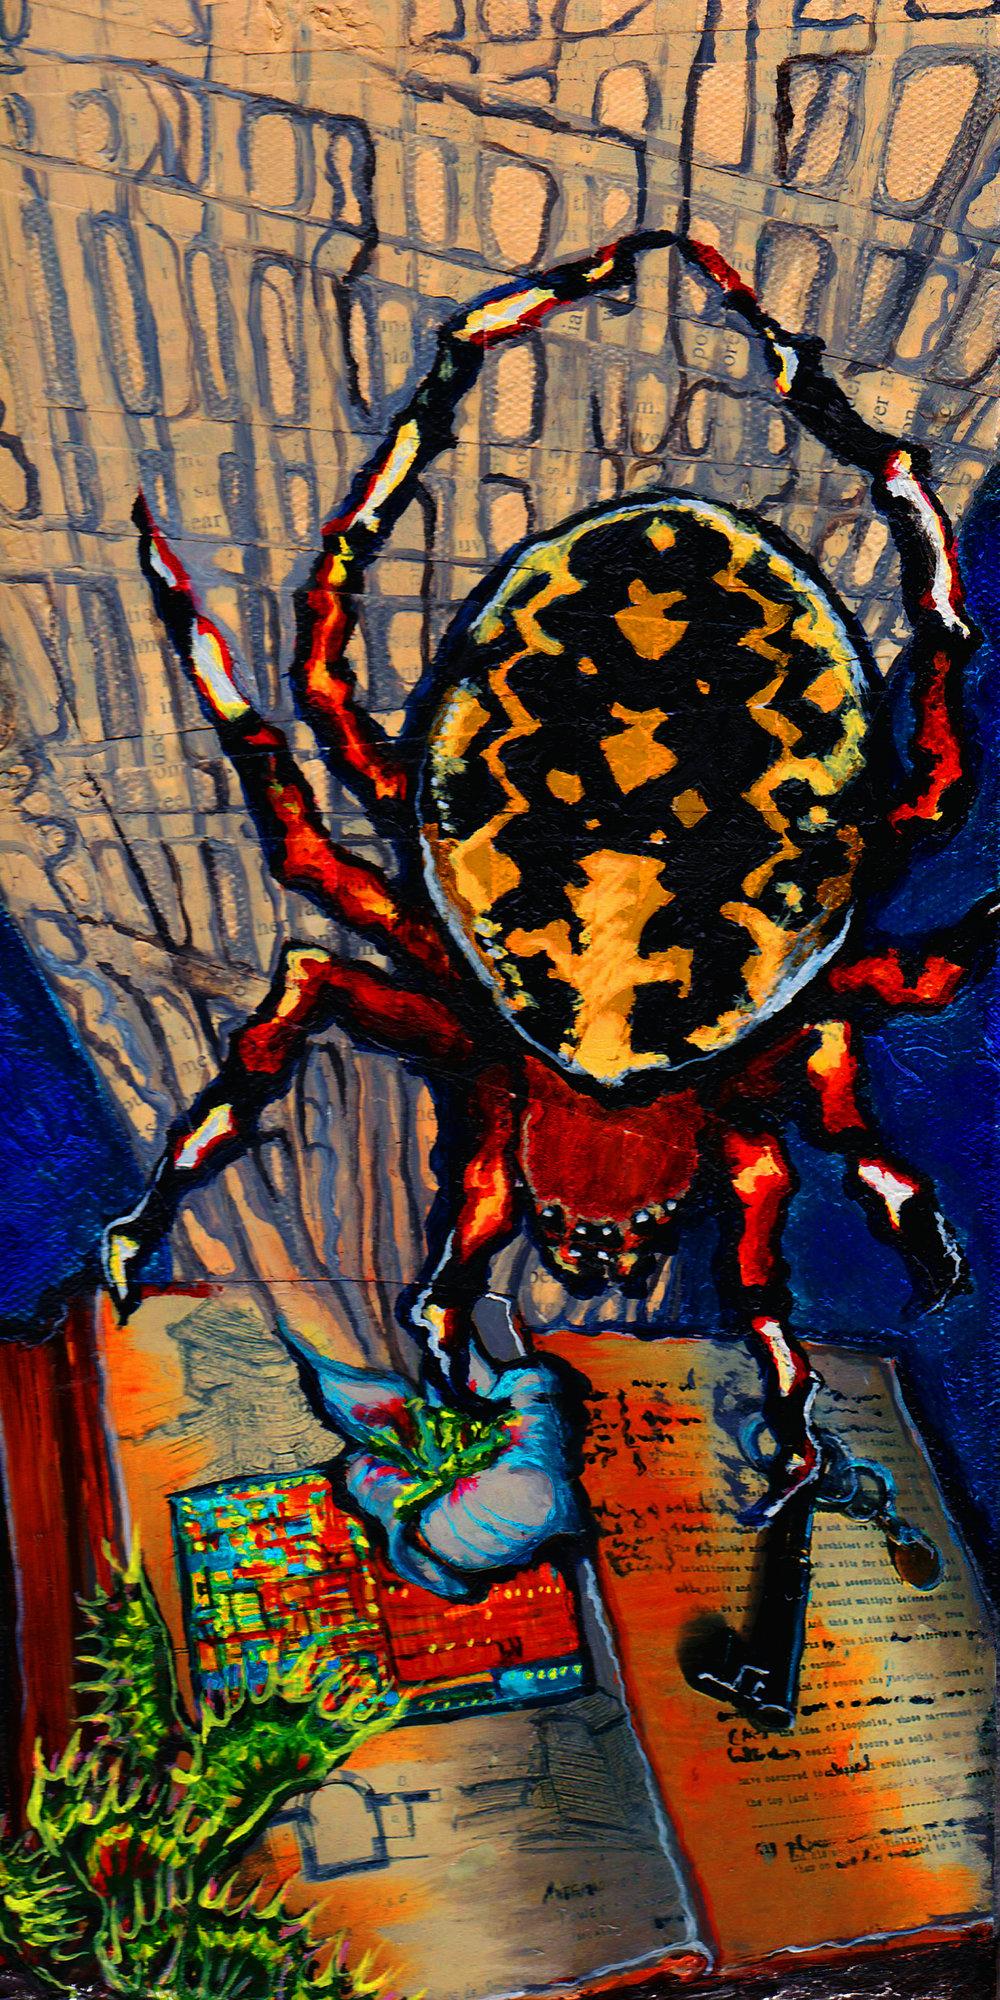 emclaughlin_Marbled Orb Weaver Painting.jpg